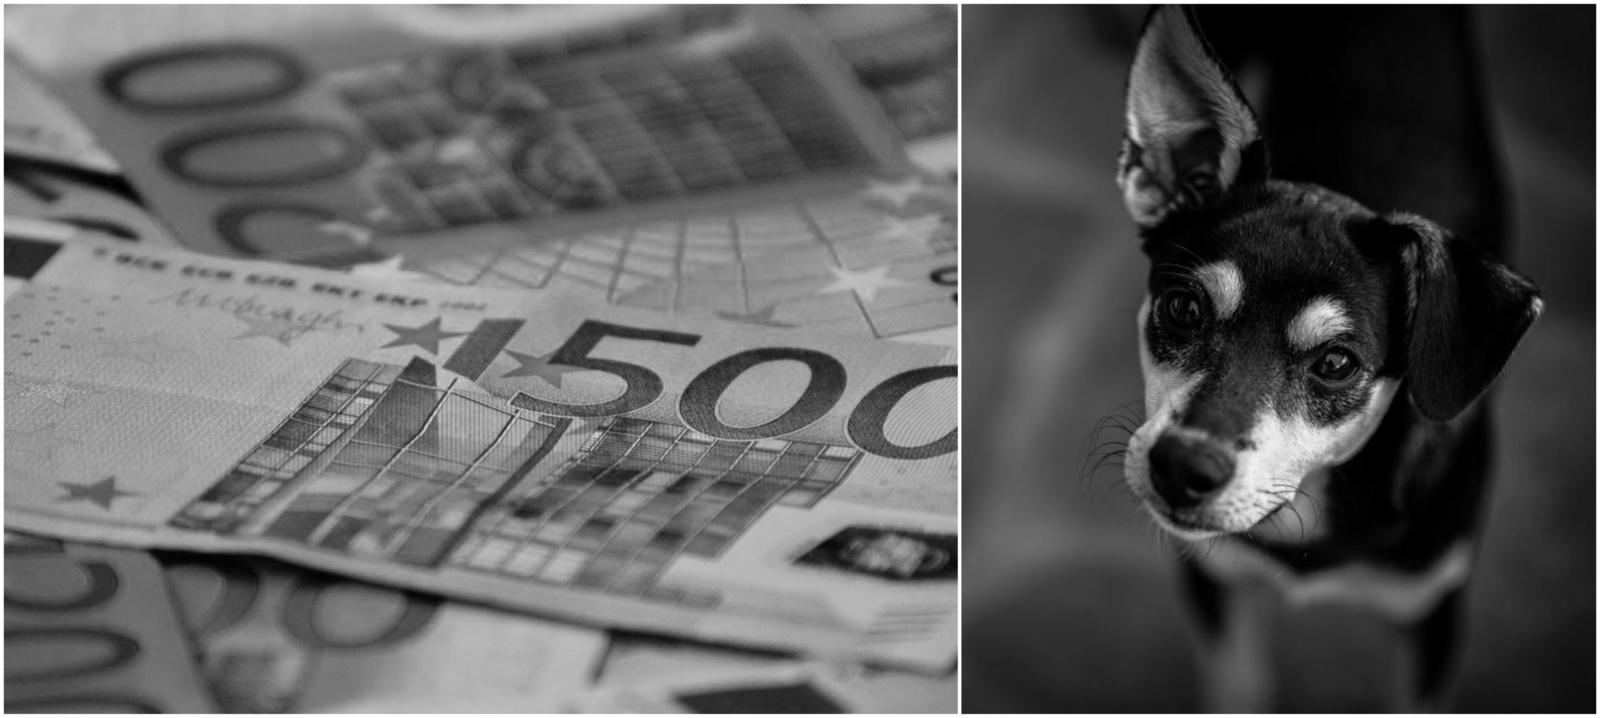 Lietuviams skausmingiausios – grynųjų pinigų ir naminių gyvūnų vagystės